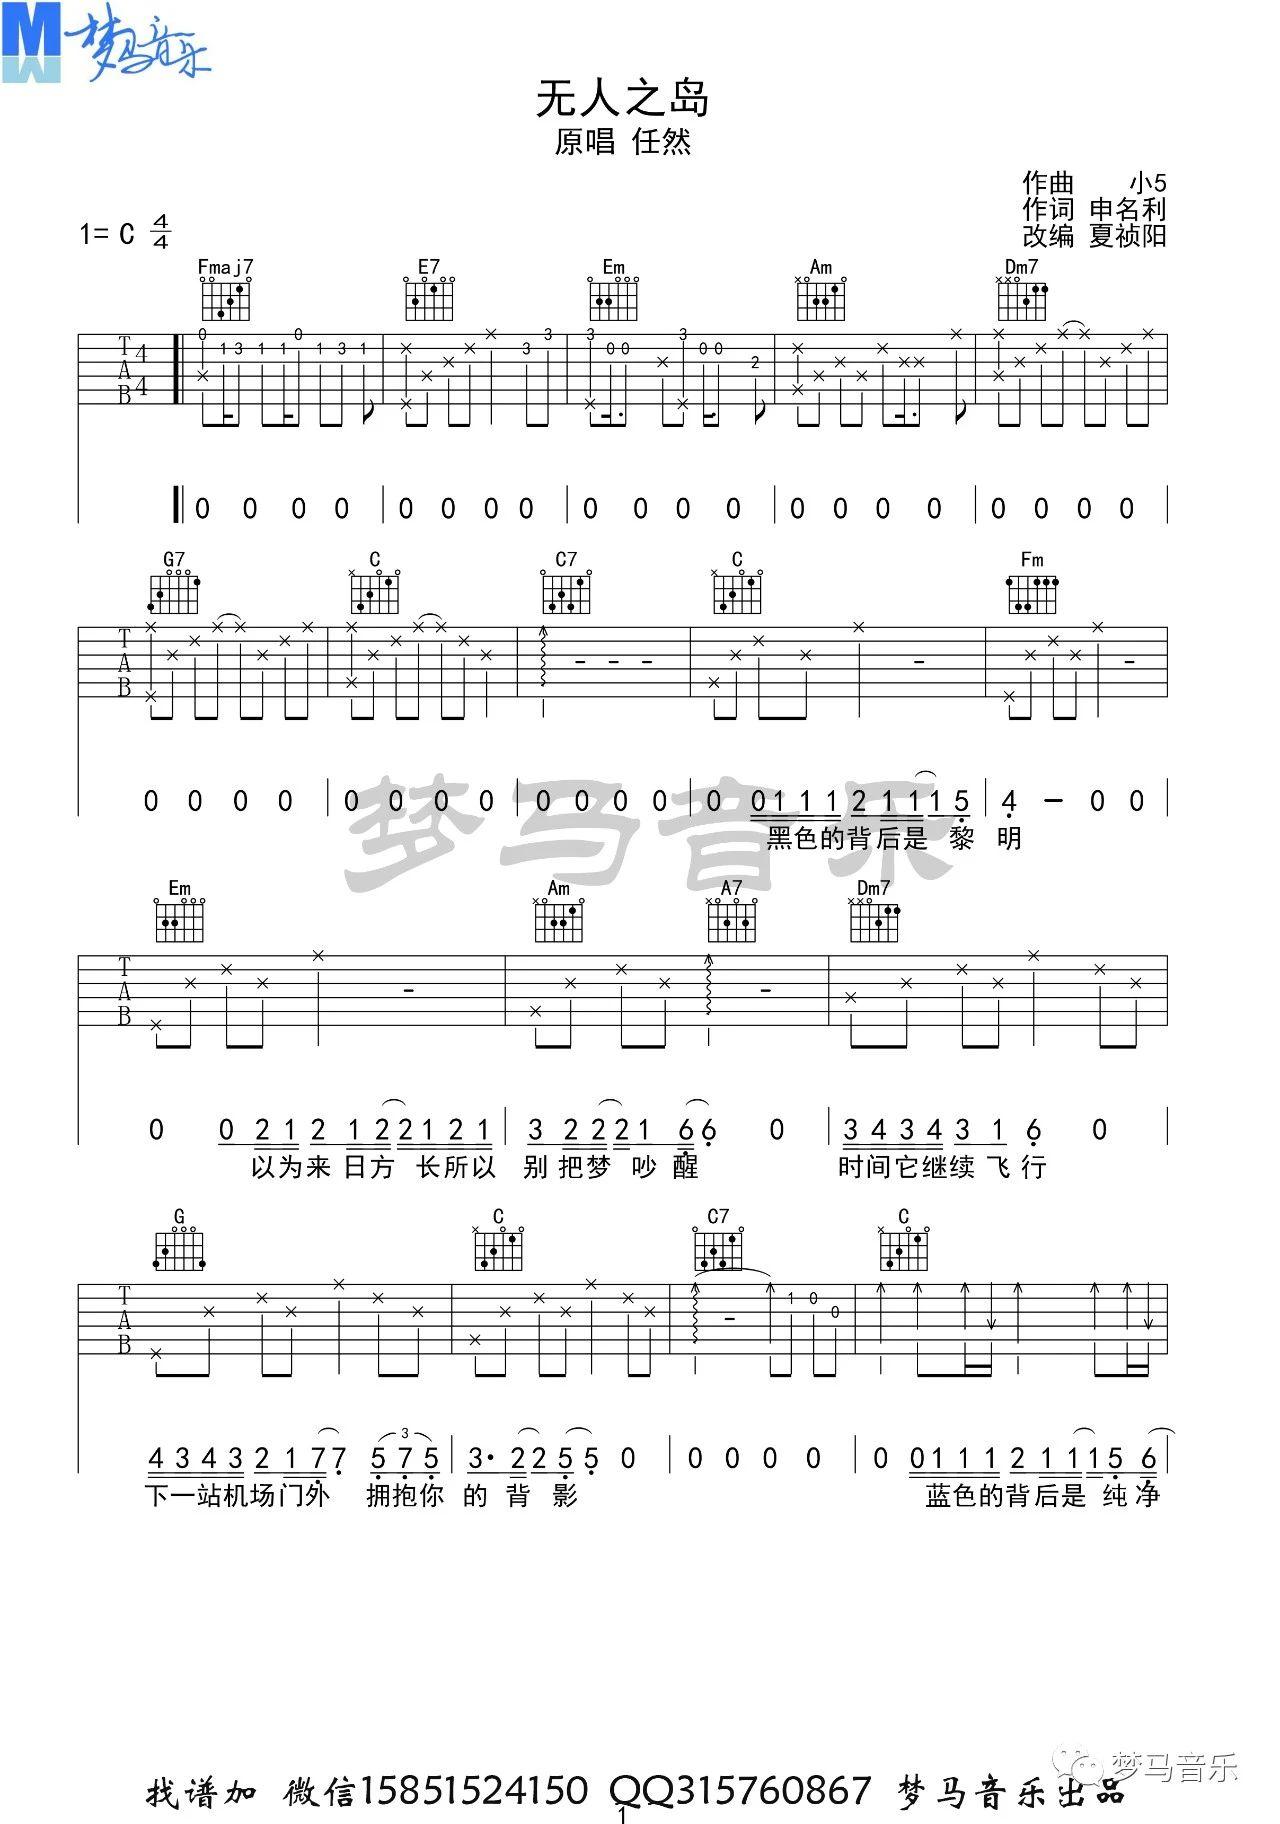 吉他派无人之岛吉他谱-1